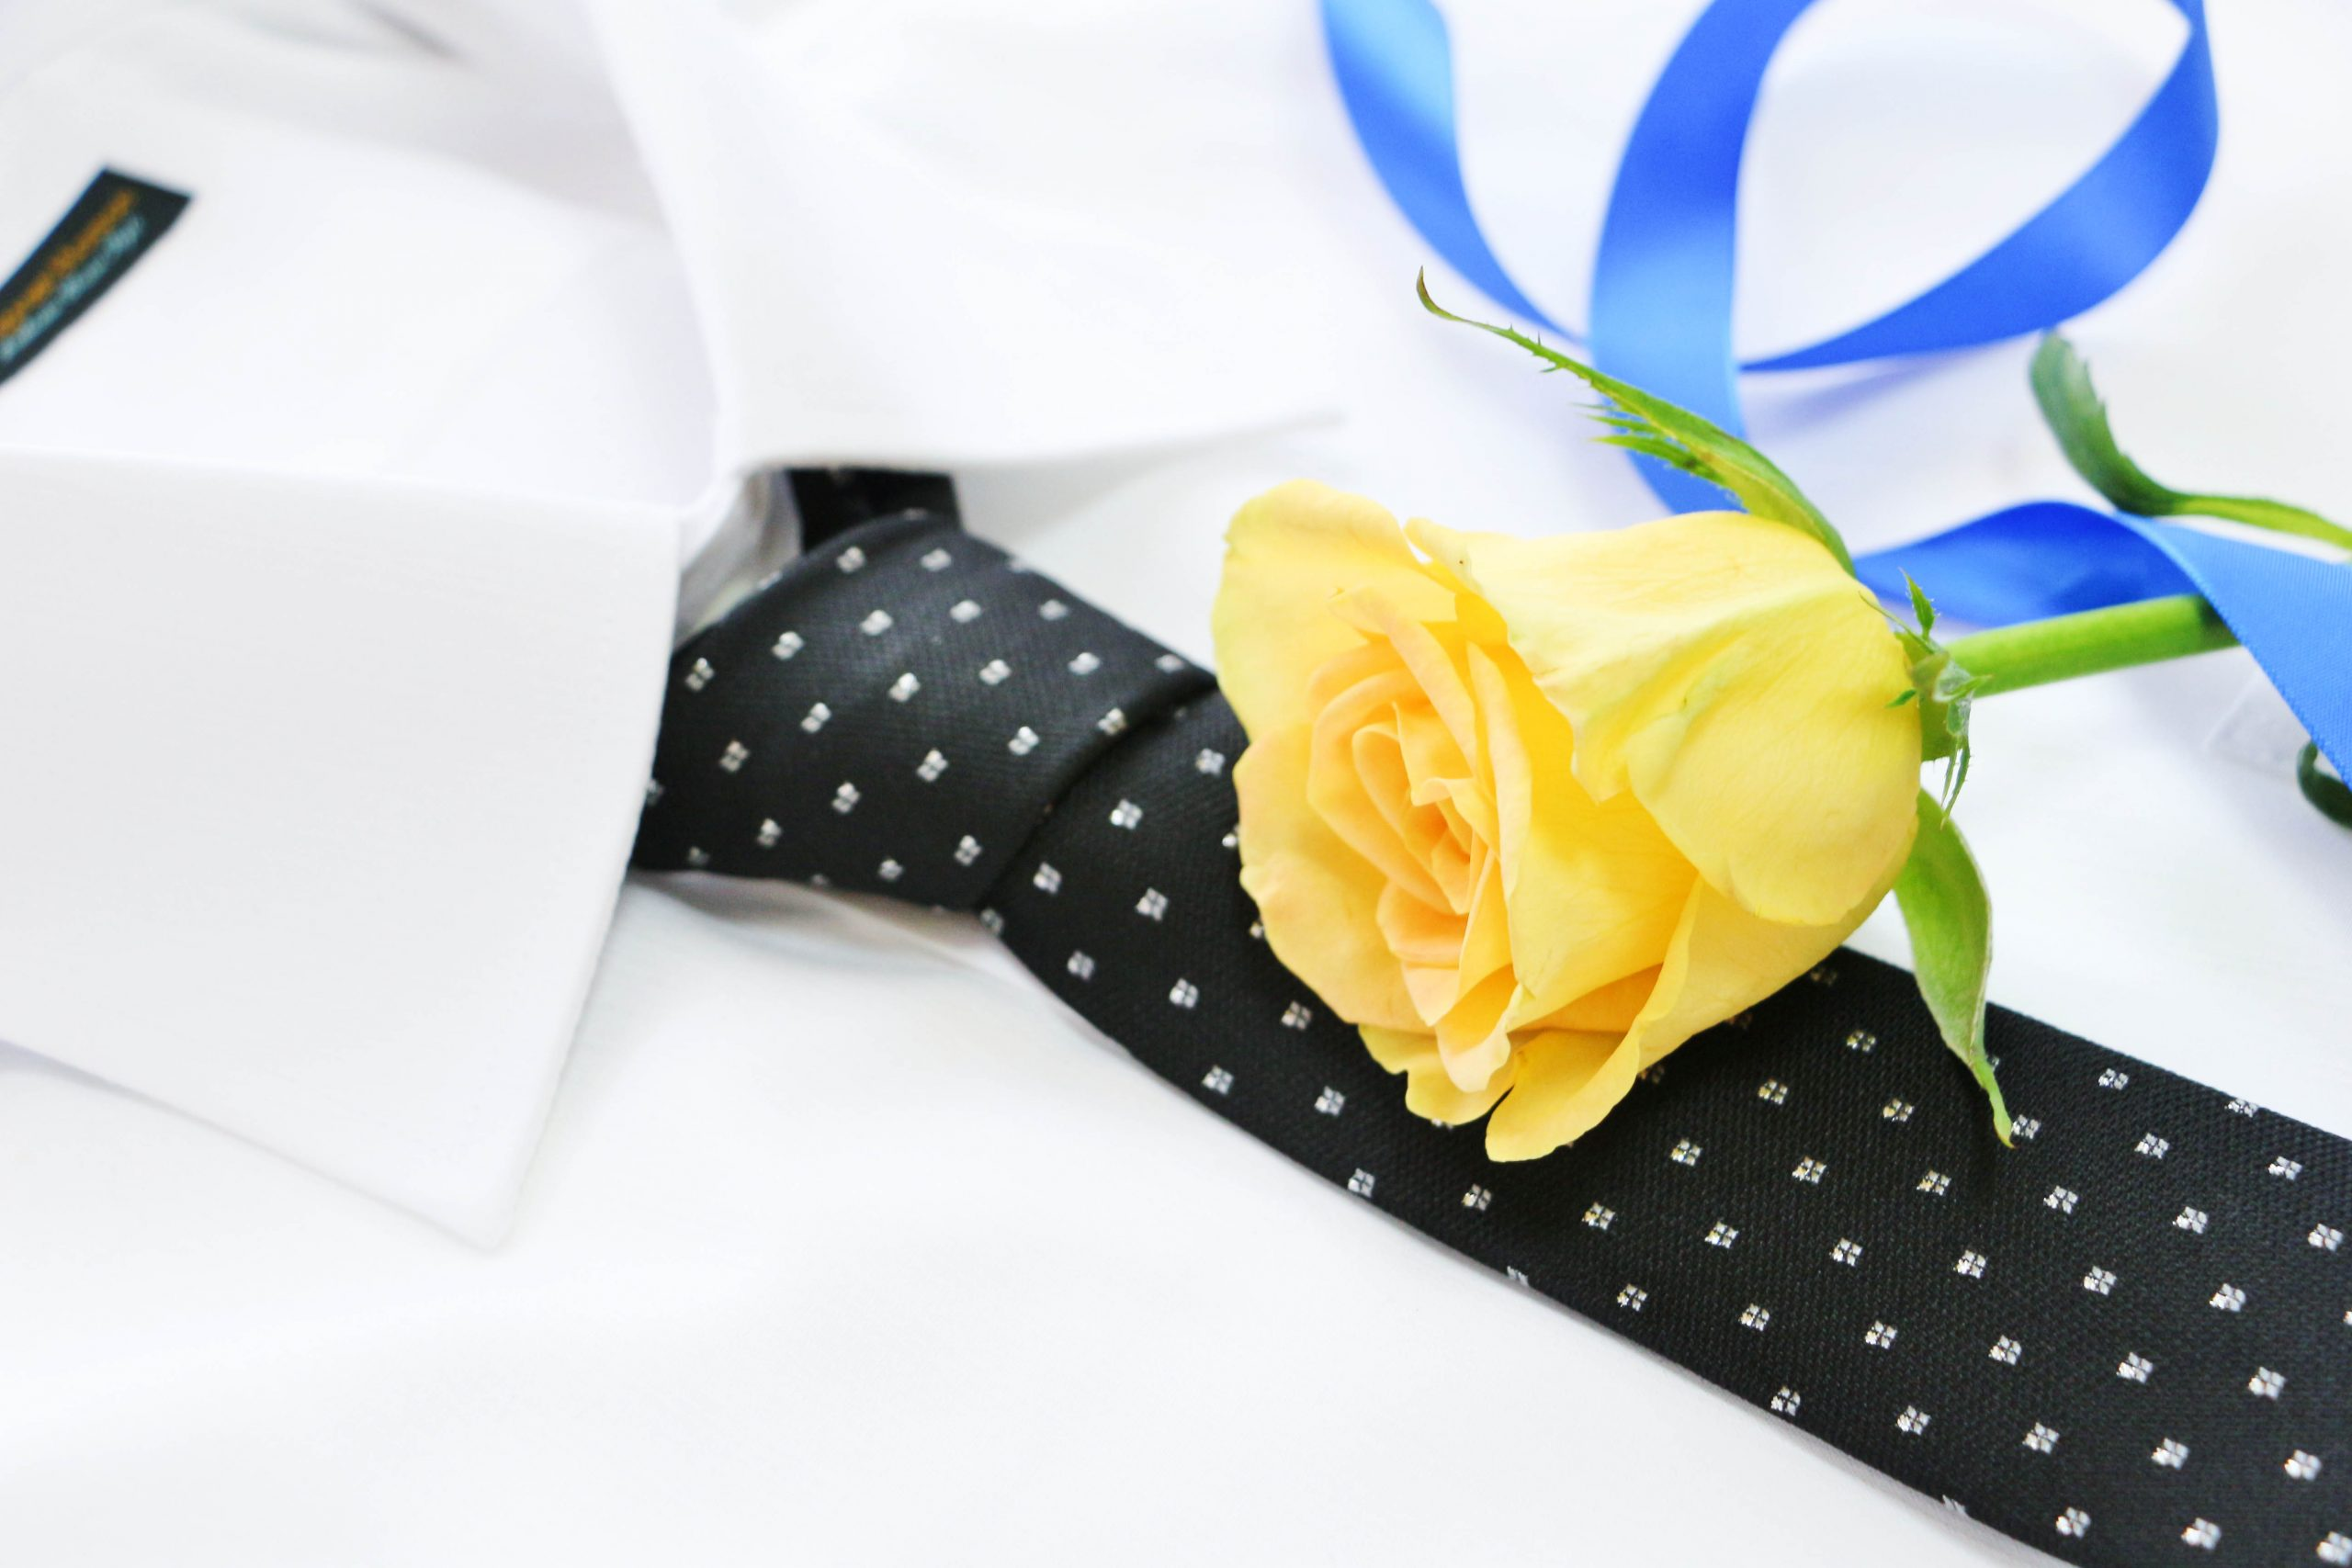 父の日にお父さんやお義父さんに贈るおすすめのプレゼント選びのポイントは毎日働くお父さんにはお仕事・ビジネスアイテムのプレゼントを選ぶことです。